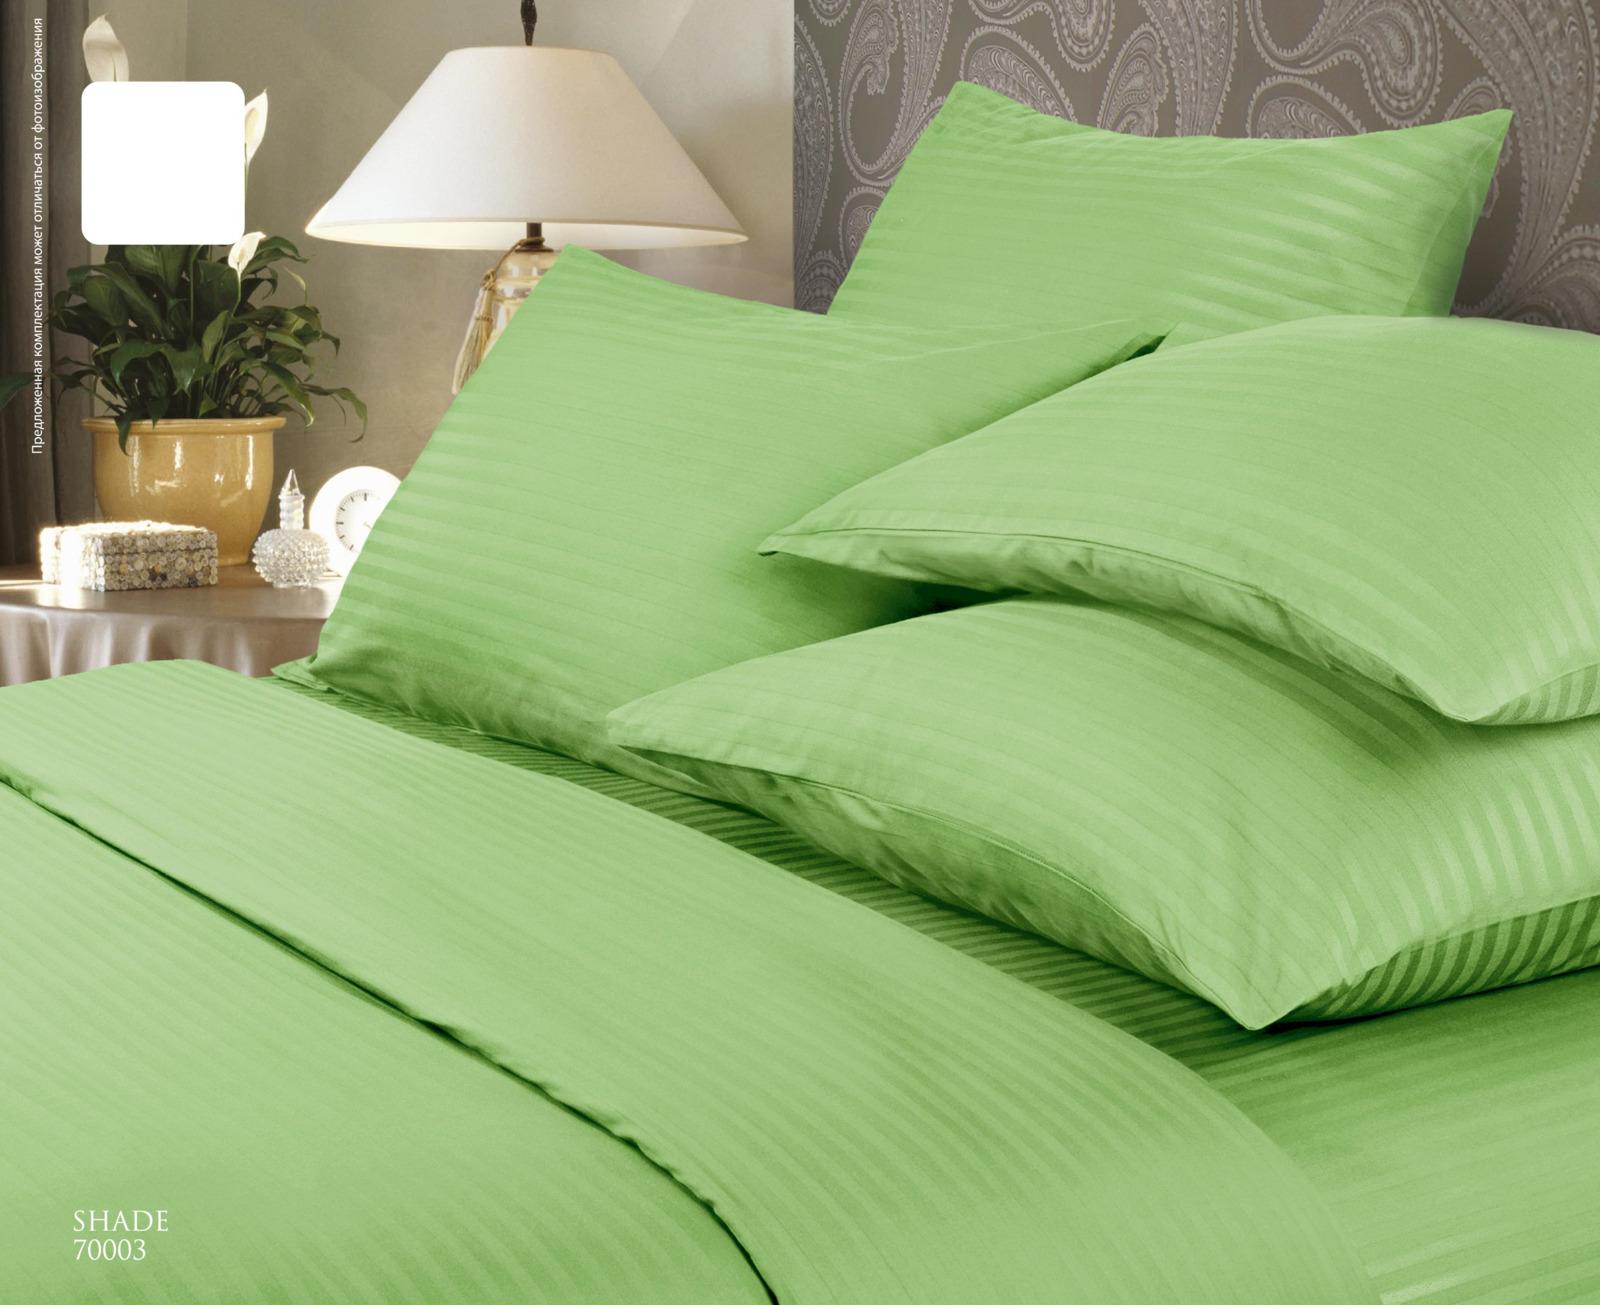 Комплект белья Verossa Shade, 2-спальный, наволочки 70x70. 727053